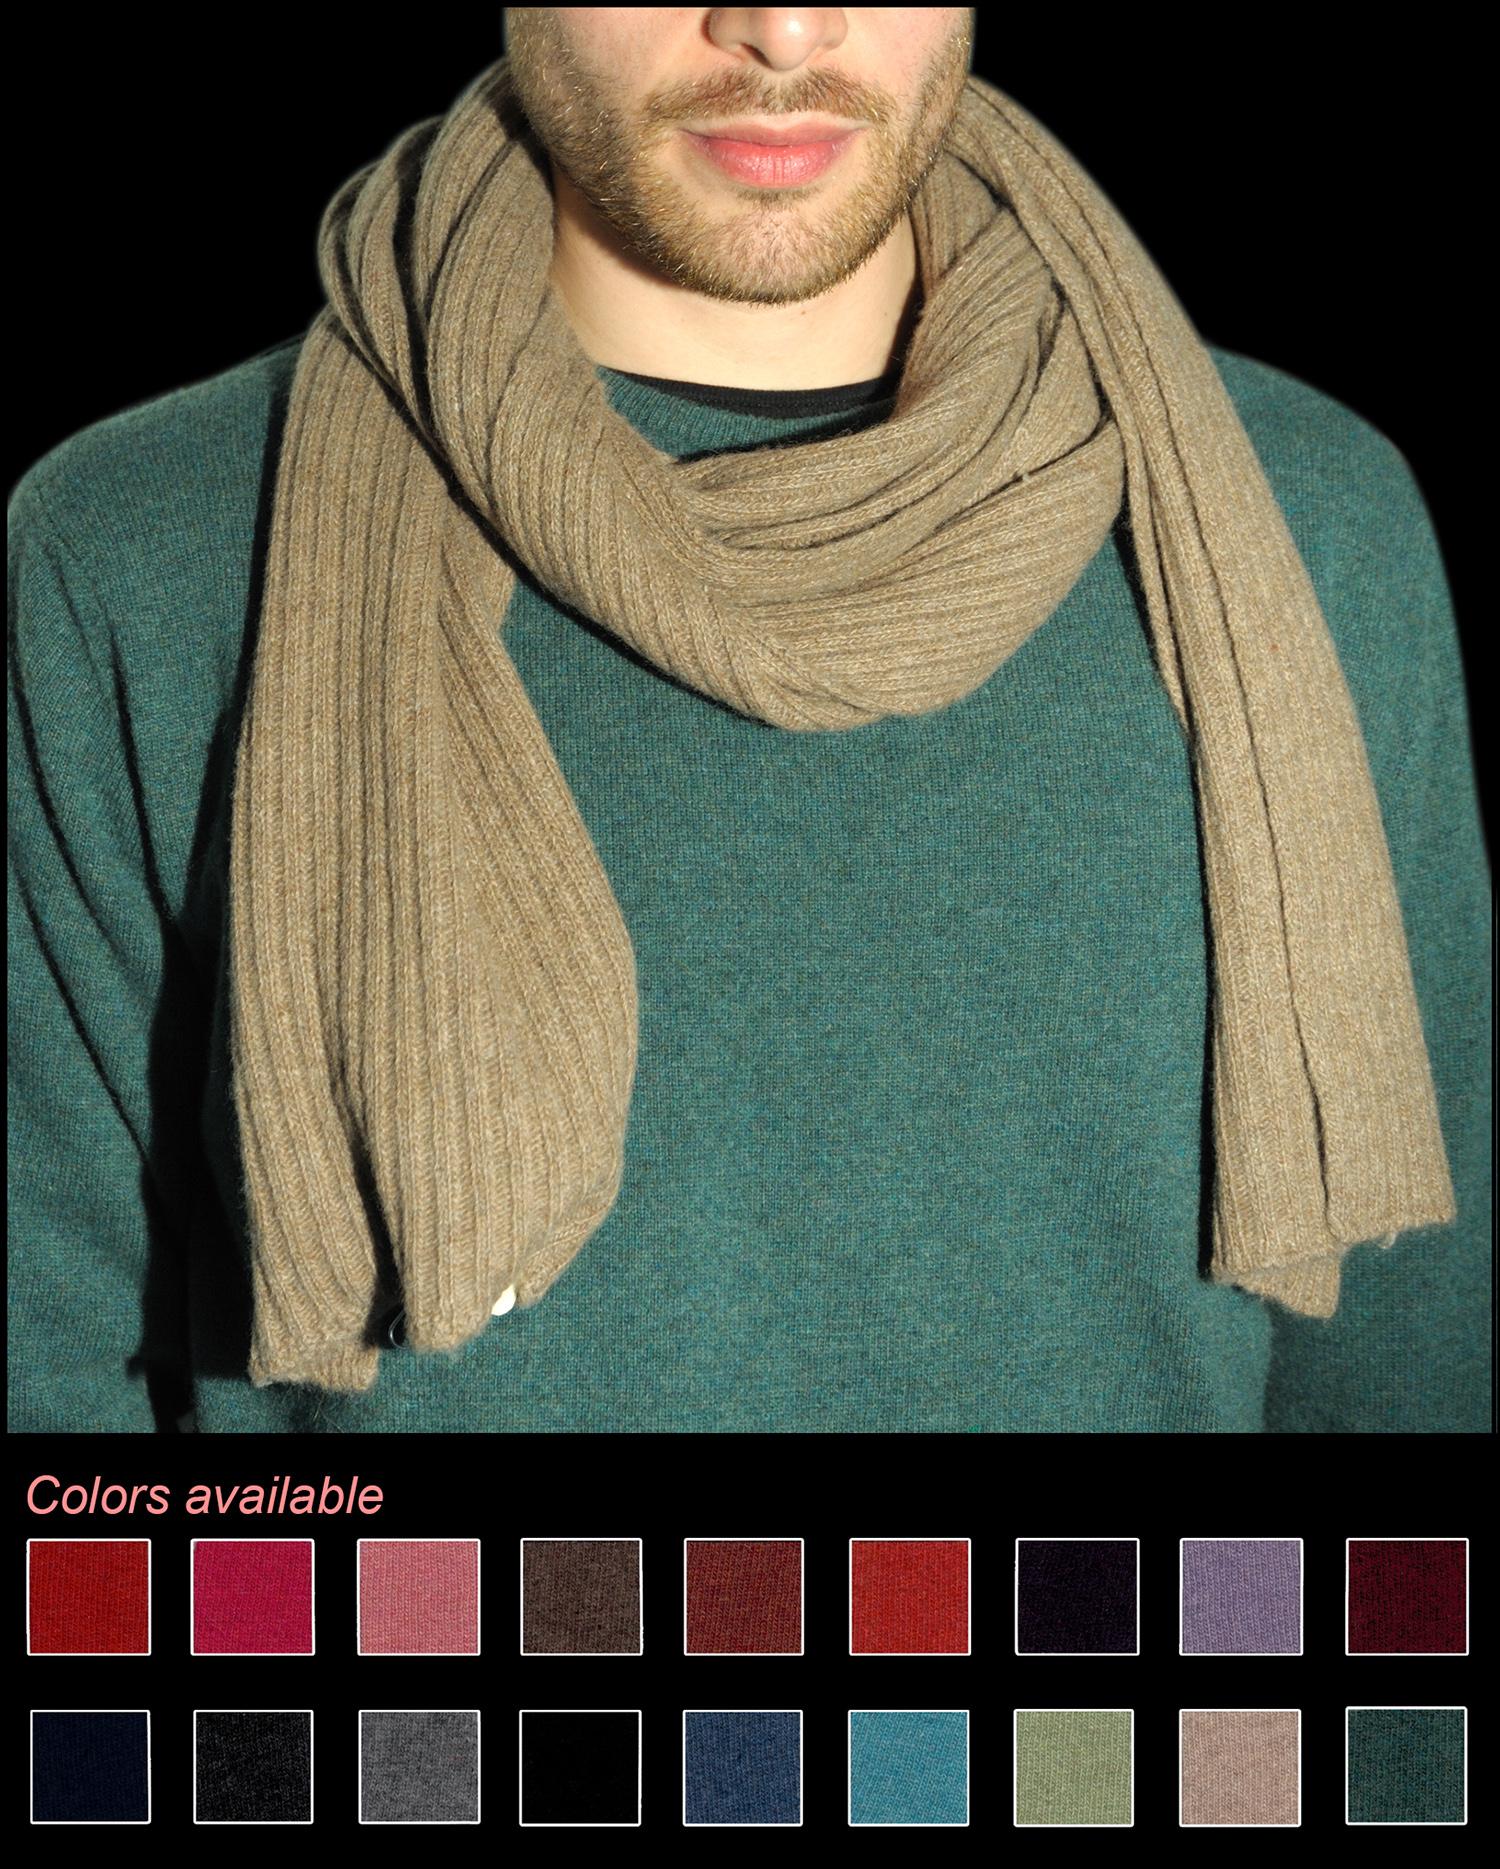 Man scarve color beige code 120